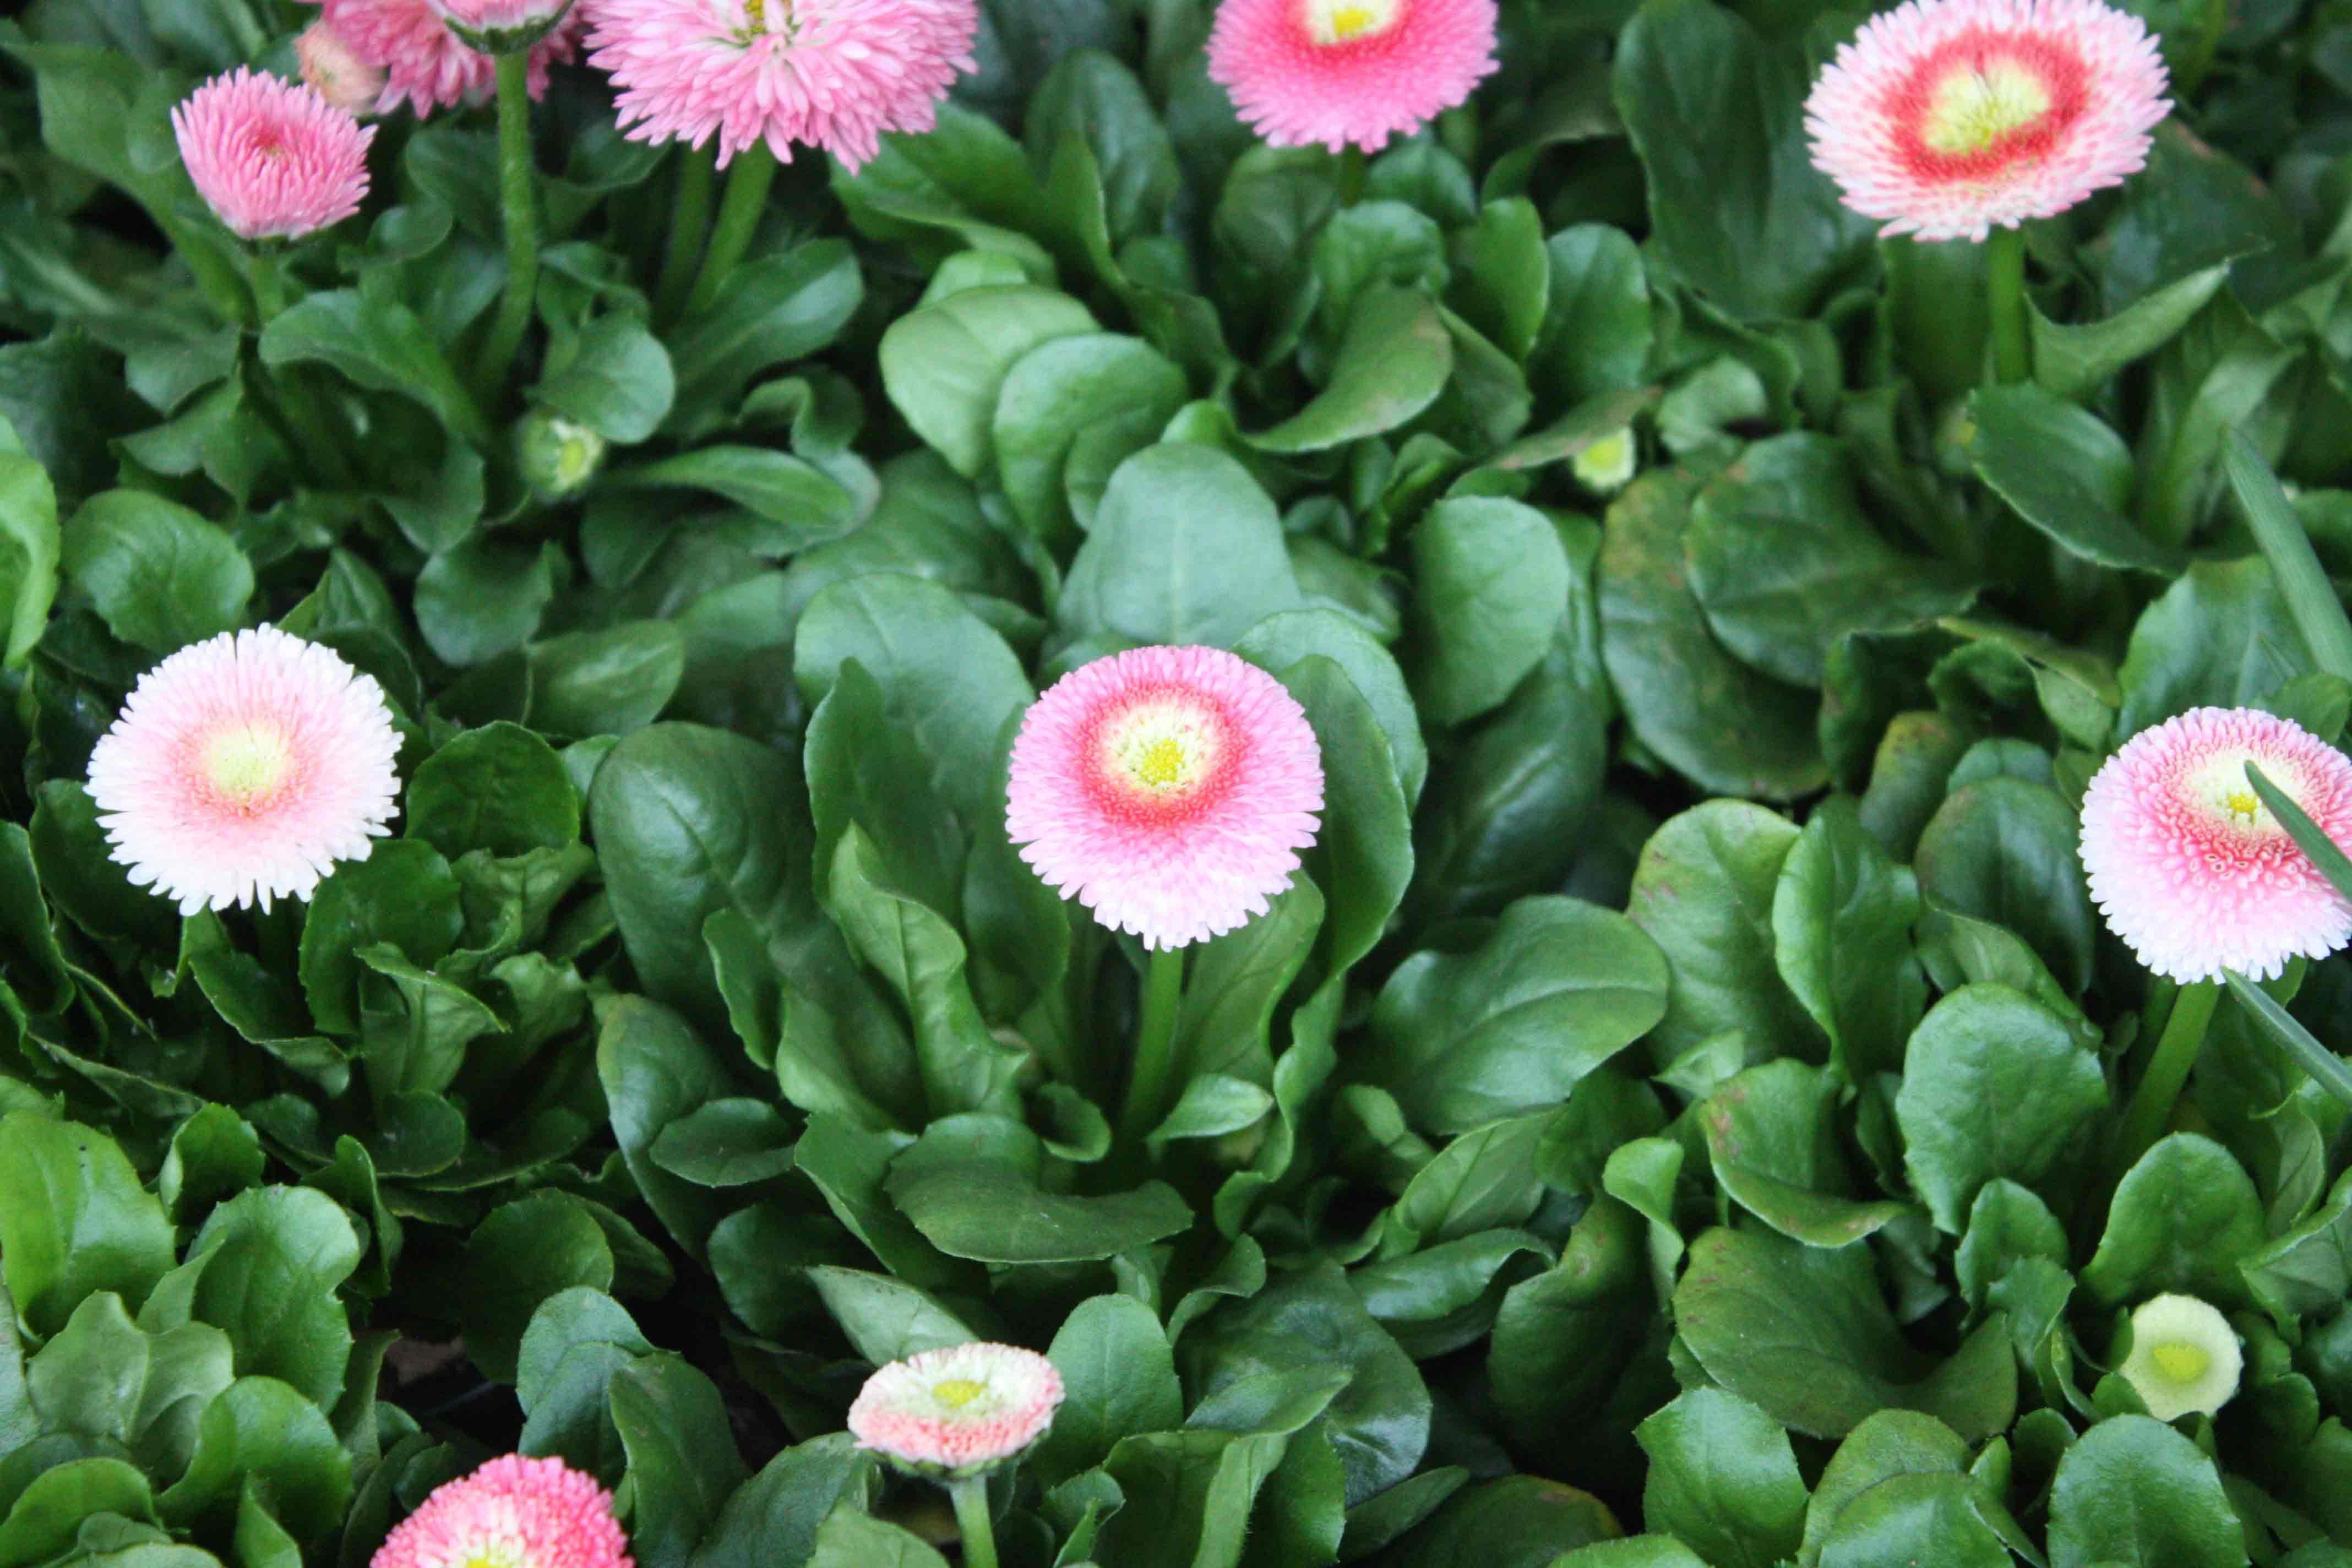 Im Frühjahr, Sommer Und Herbst Halten Wir Ein Großes Angebot An Garten  Und  Balkonpflanzen Für Sie Bereit. Auf Wunsch Bepflanzen Wir Auch Gerne Ihre  Eigenen ...